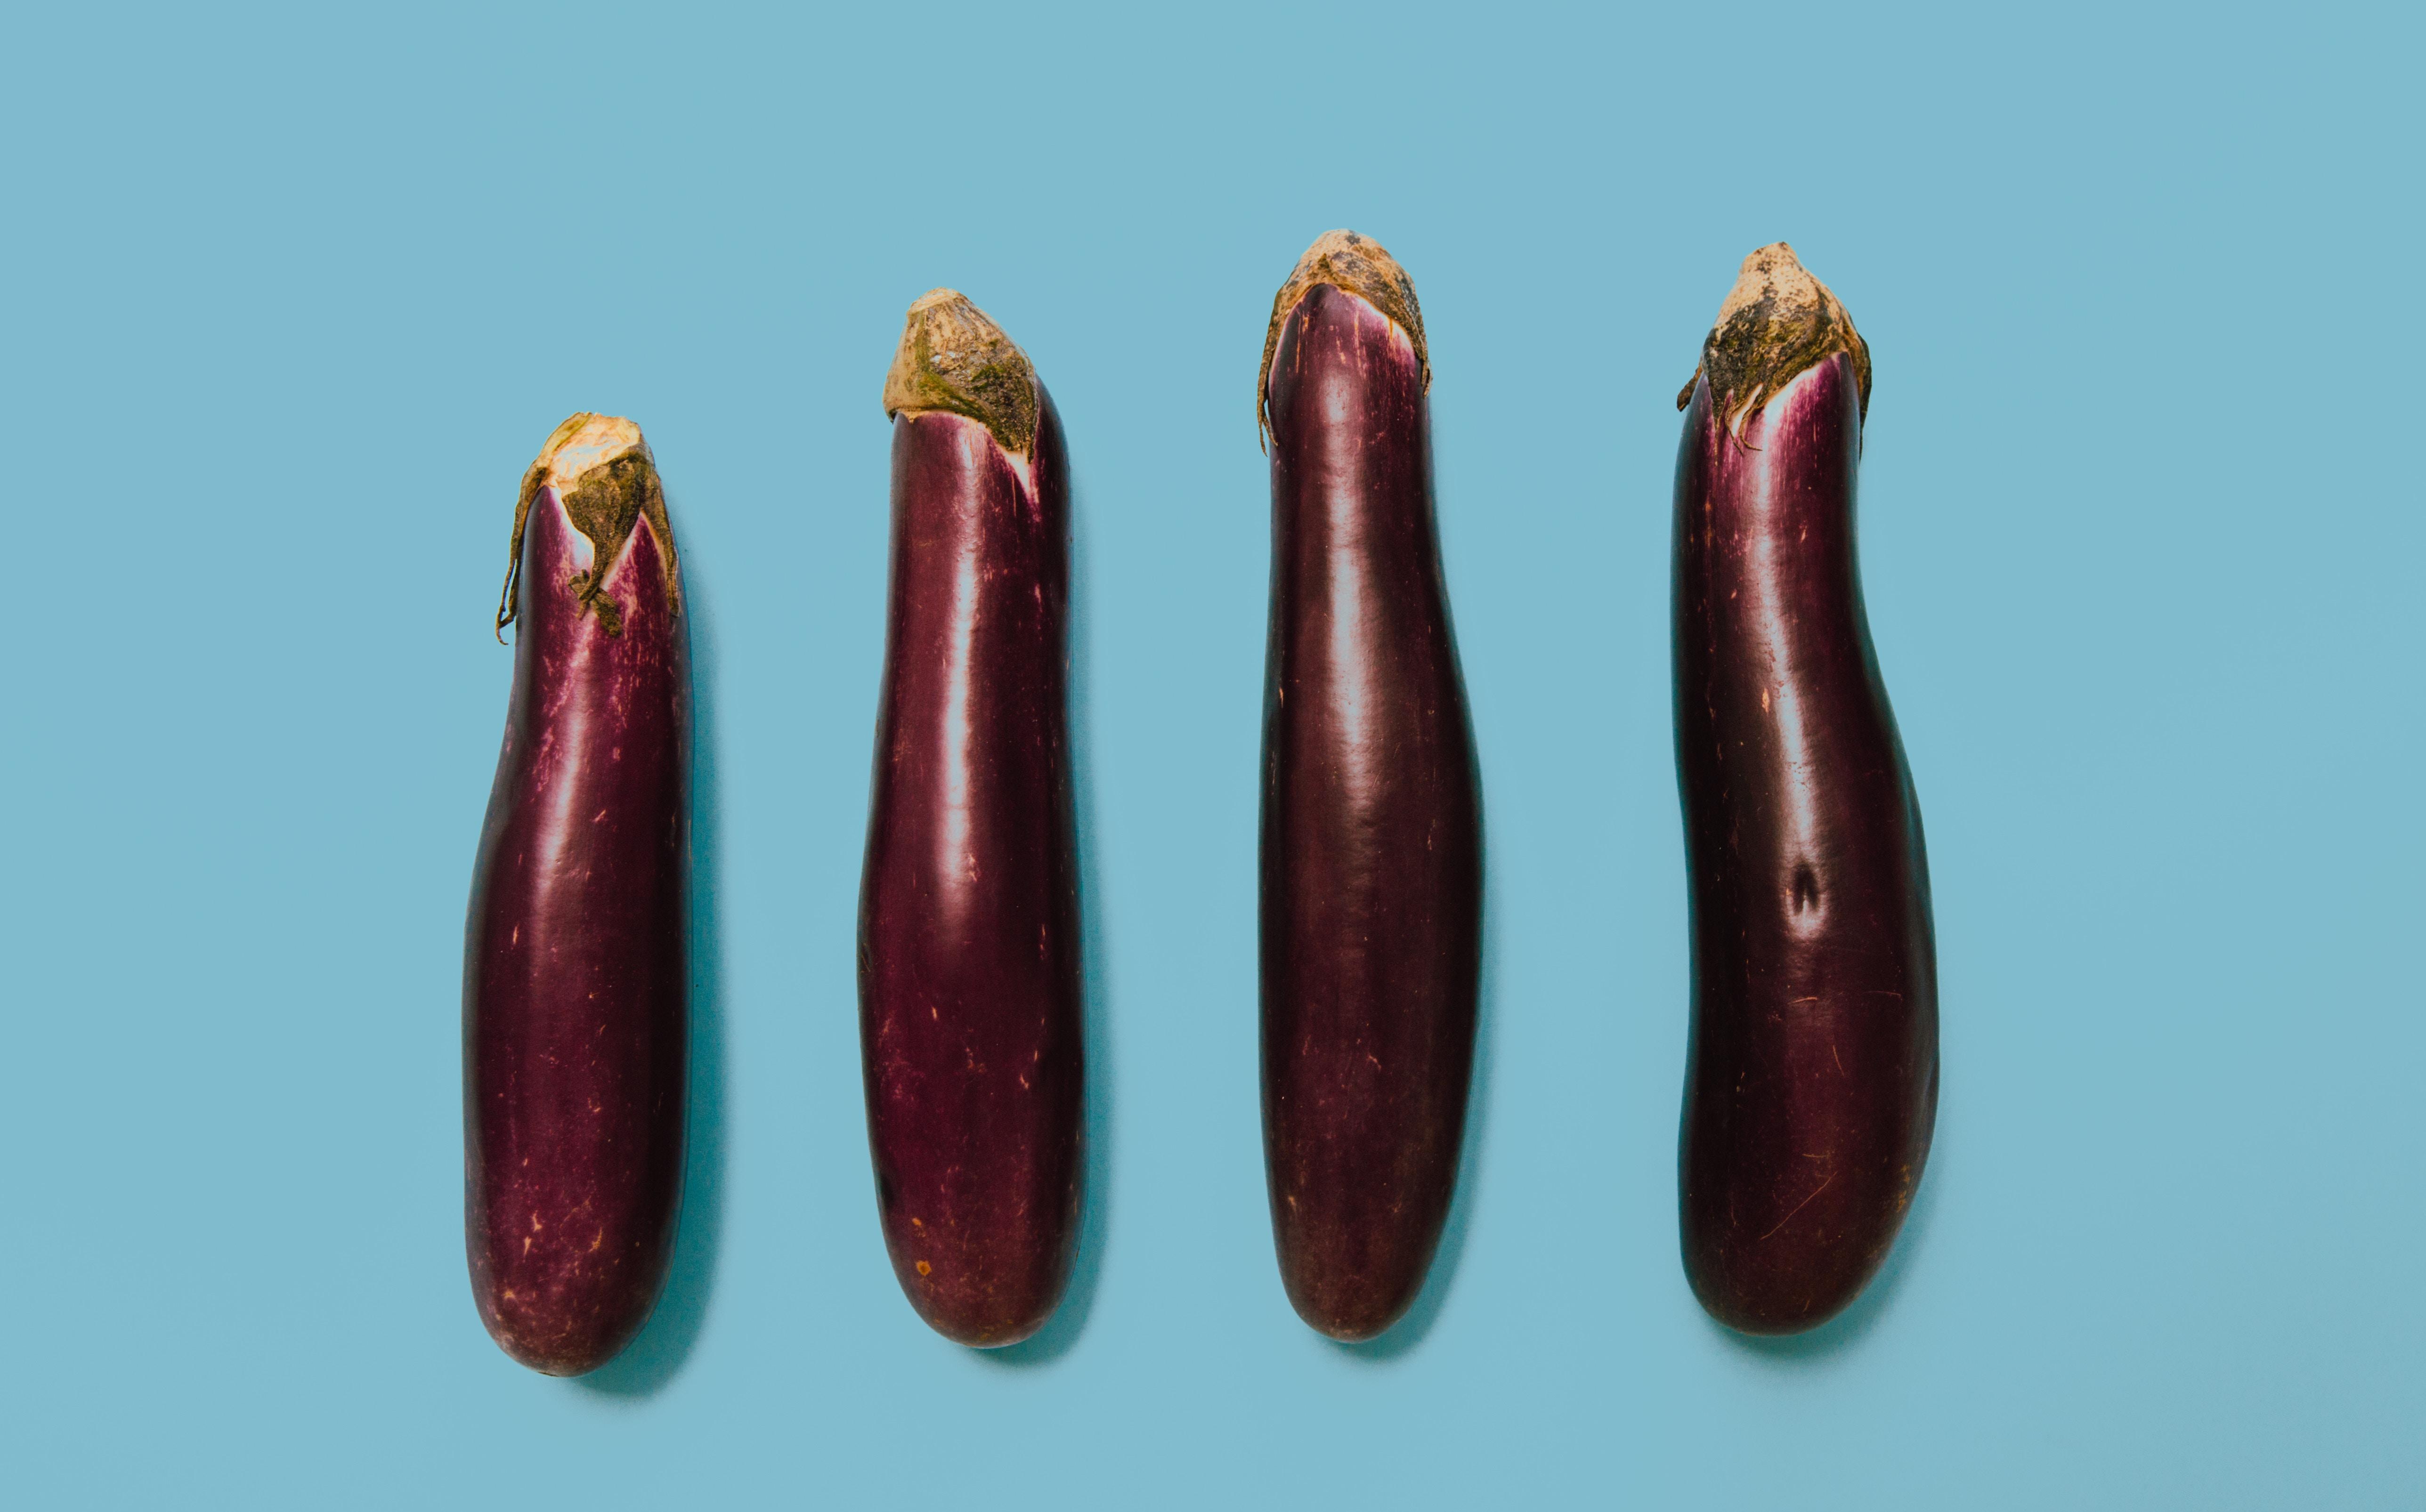 număr mic de penis întărirea măririi penisului